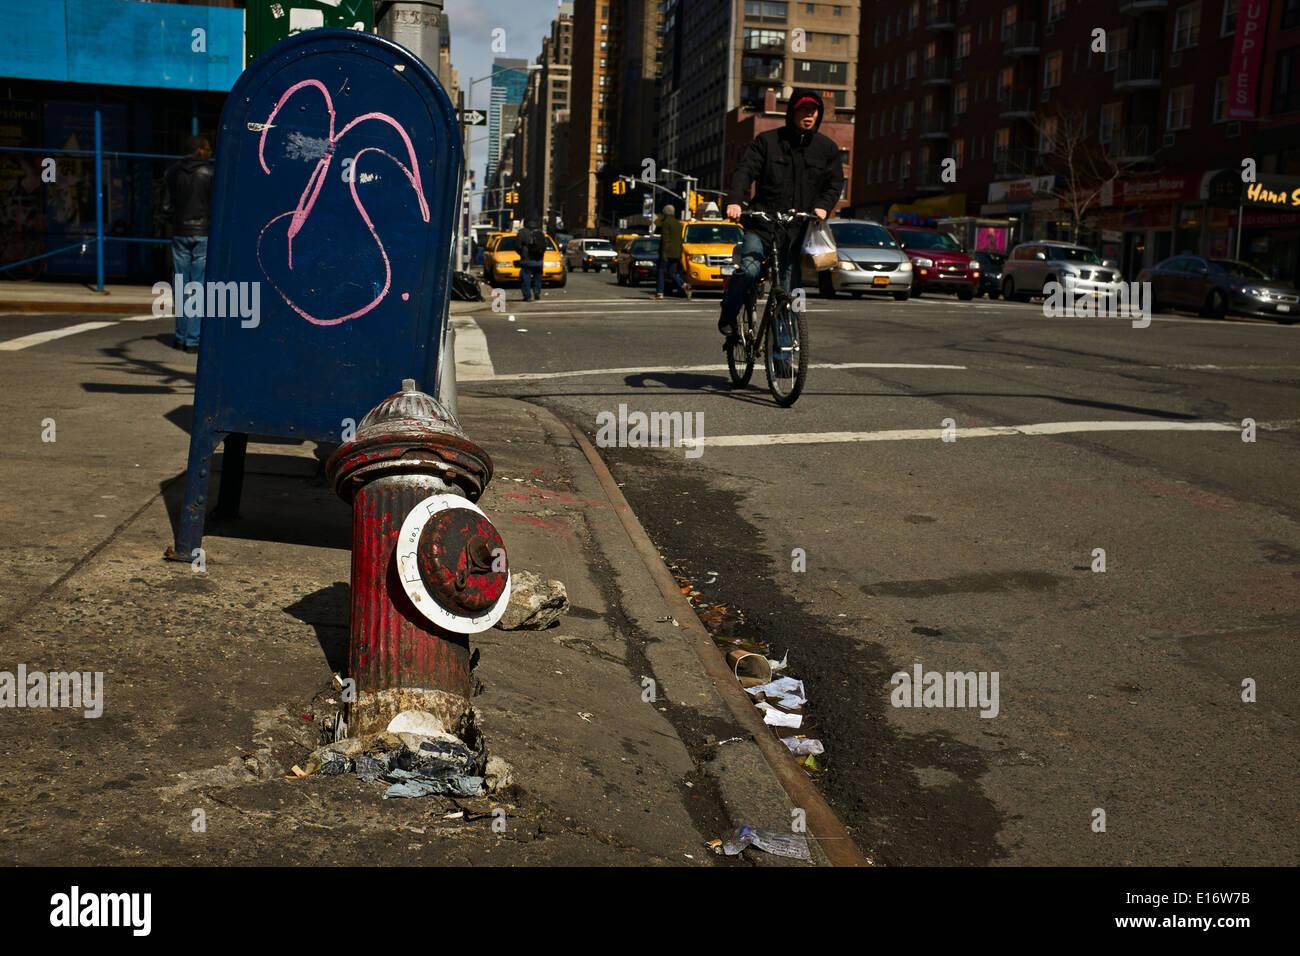 Fallen fire hydrant, New York, NY, US - Stock Image